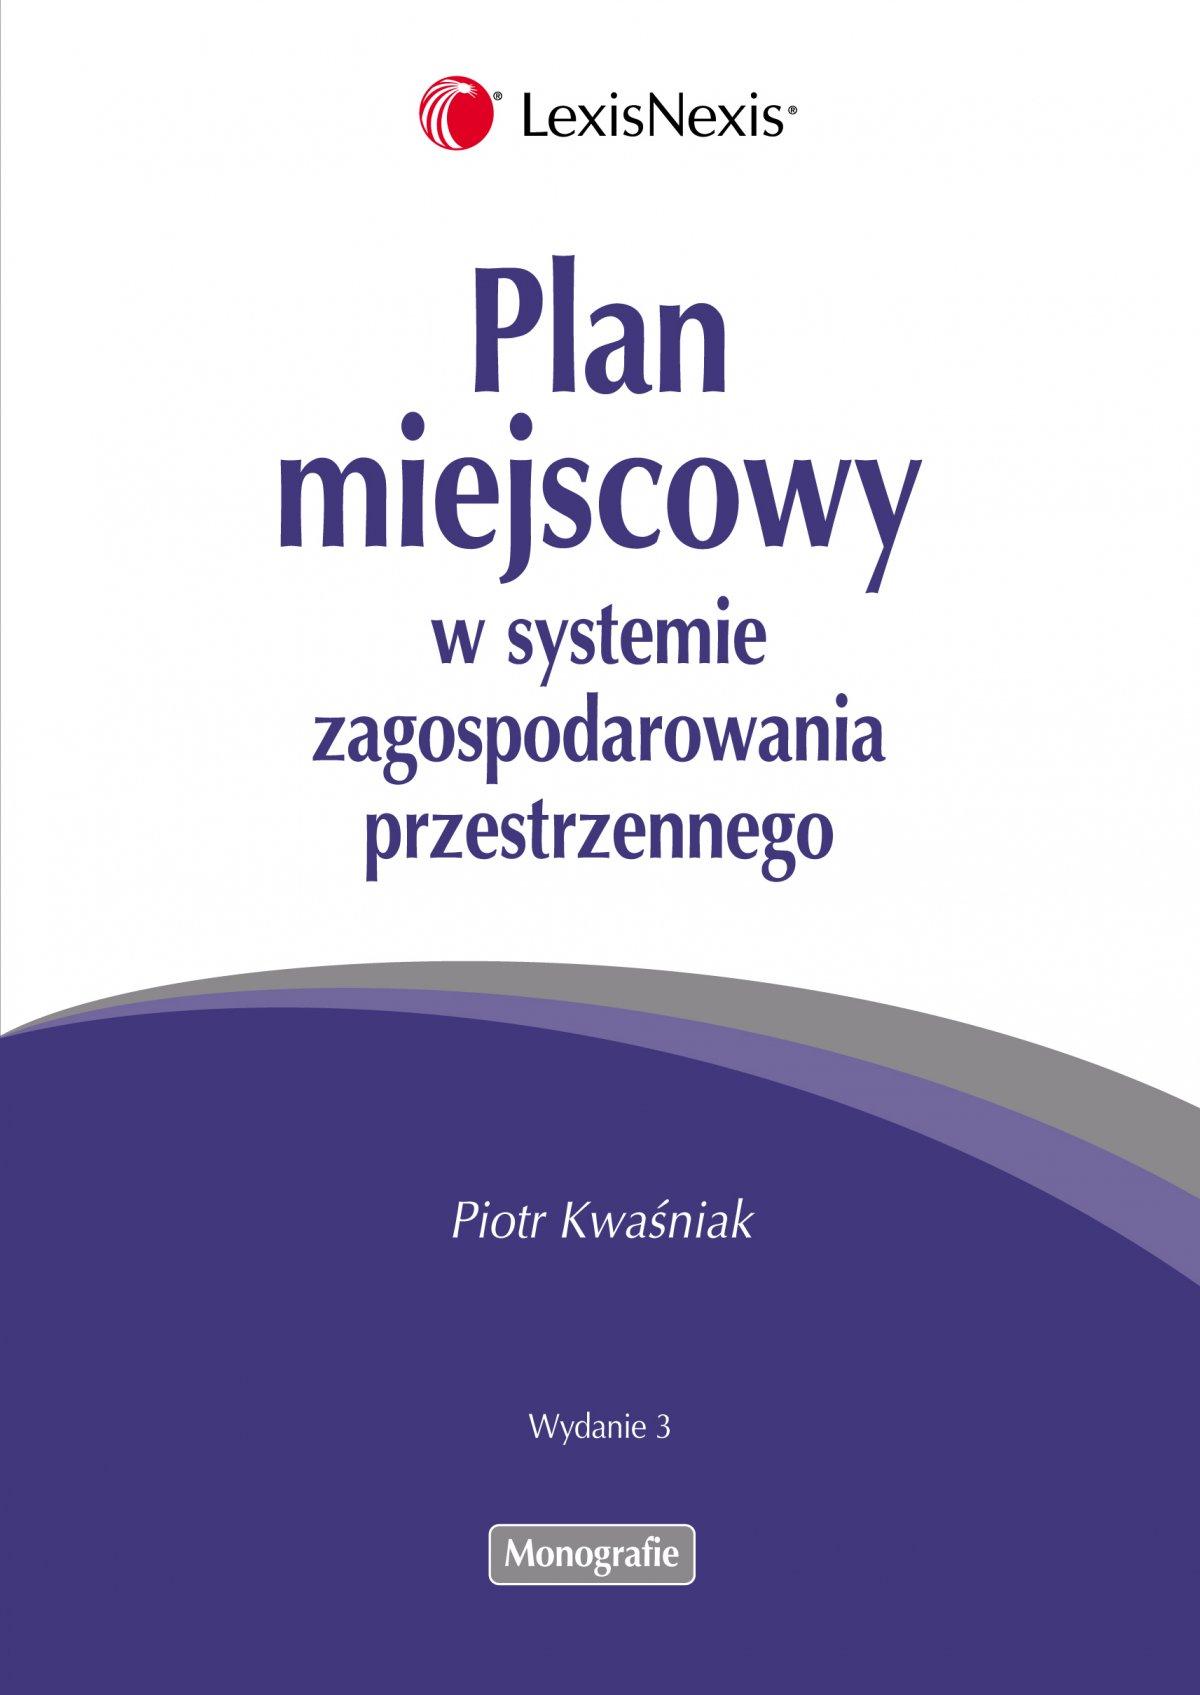 Plan miejscowy w systemie zagospodarowania przestrzennego - Ebook (Książka PDF) do pobrania w formacie PDF